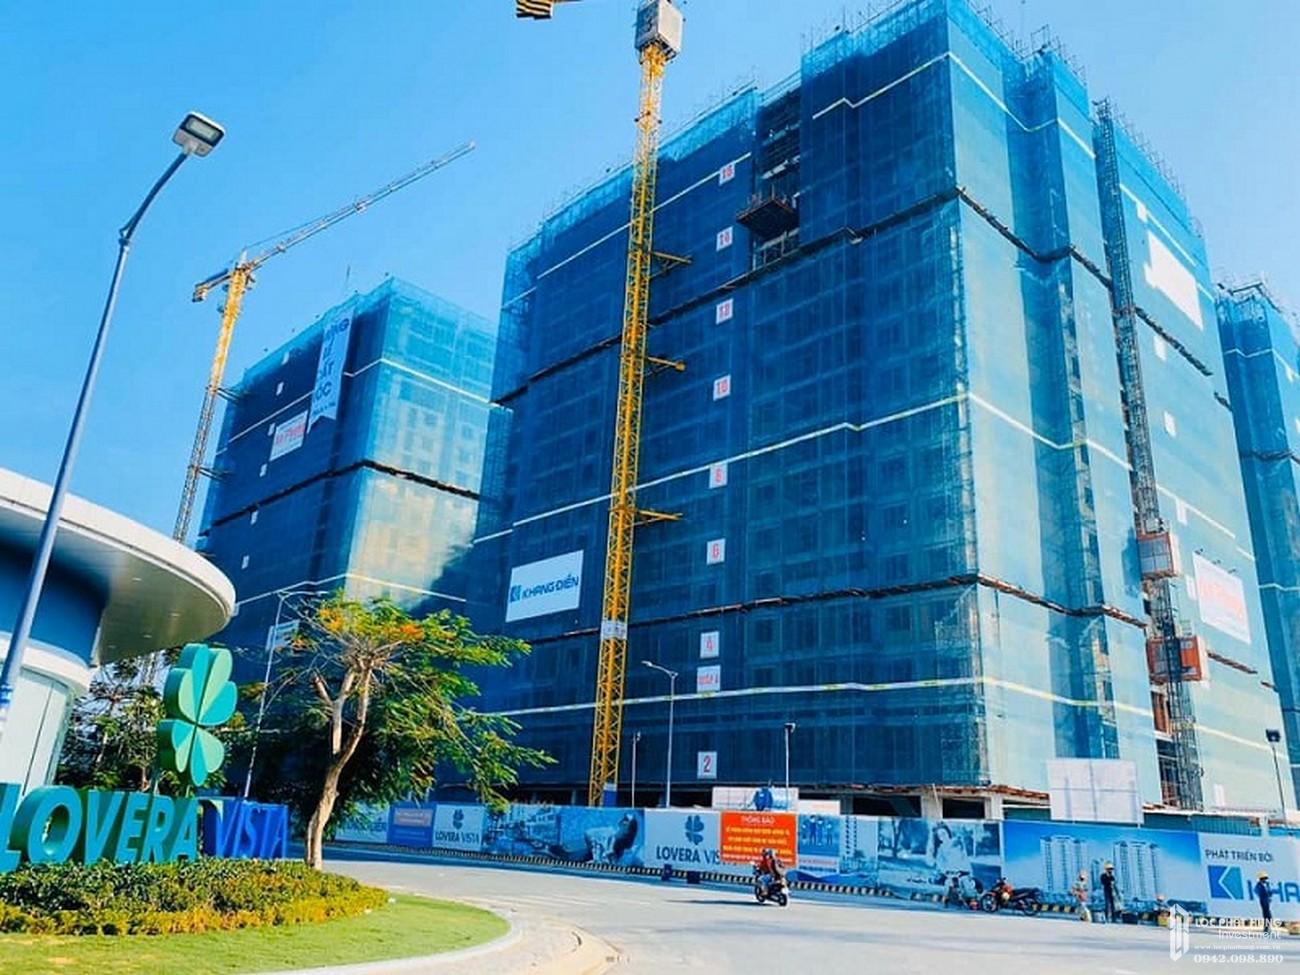 Tiến độ xây dựng dự án Lovera Vista tháng 04/2020- Nhận ký gửi mua bán + cho thuê